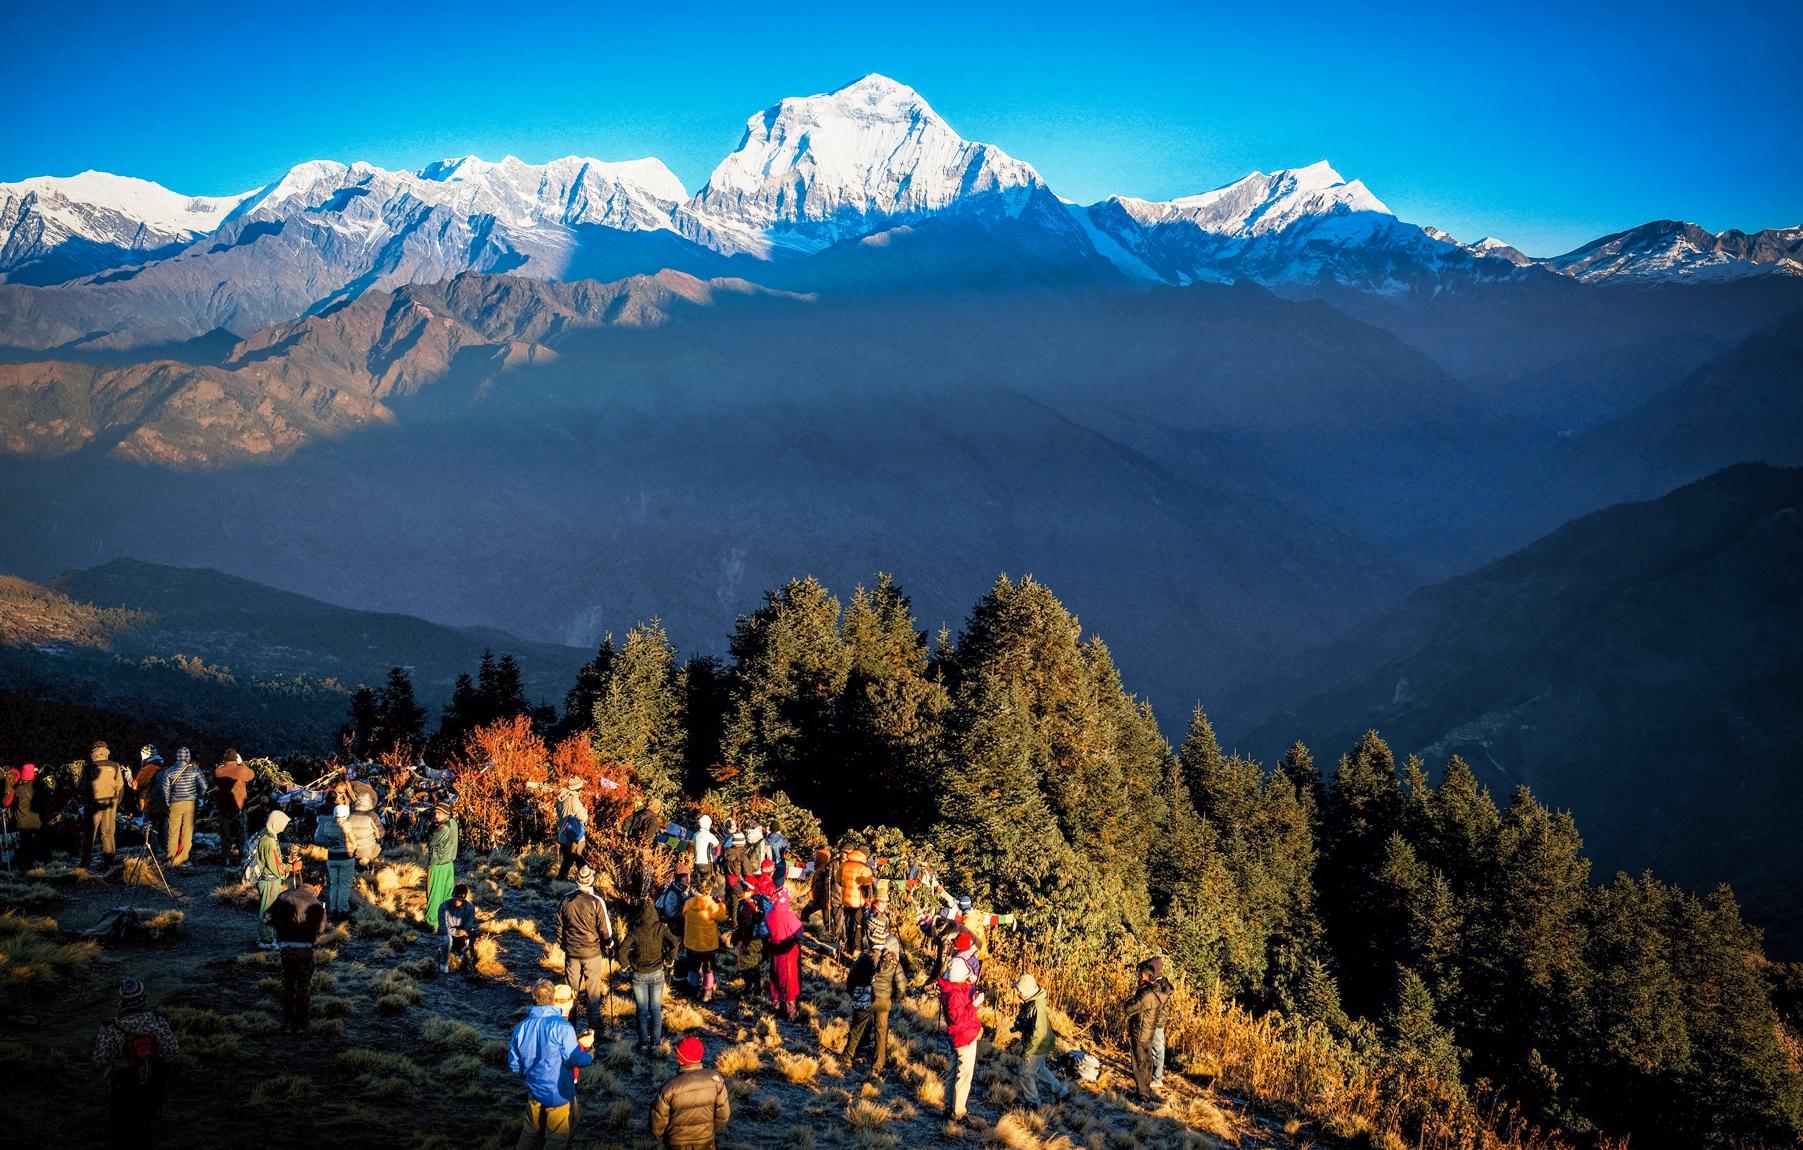 プーン・ヒルで迎えるヒマラヤの朝、正面は世界第7位の高峰ダウラギリⅠ峰(8,167m)(4日目)